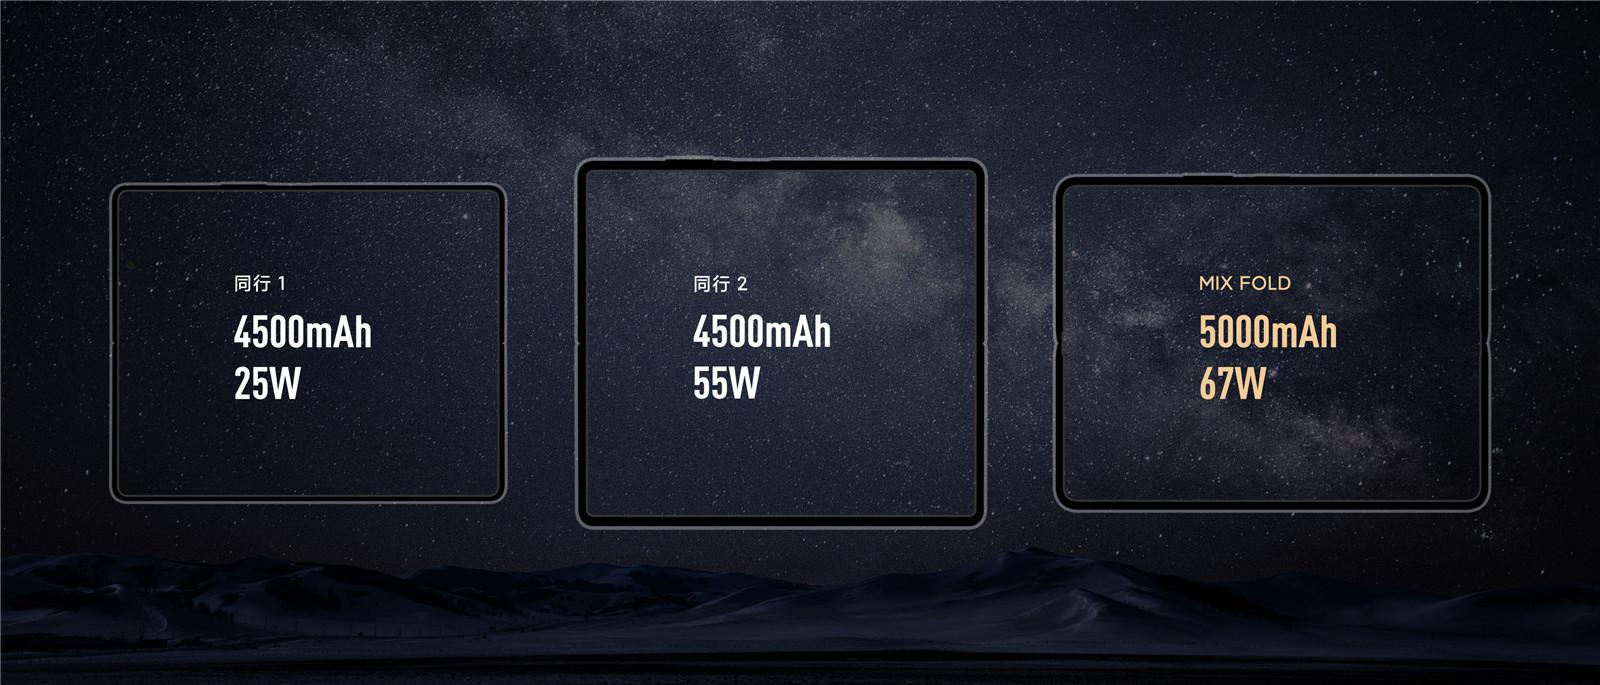 首发澎湃芯片!小米MIX FOLD发布:液态镜头、9999元起